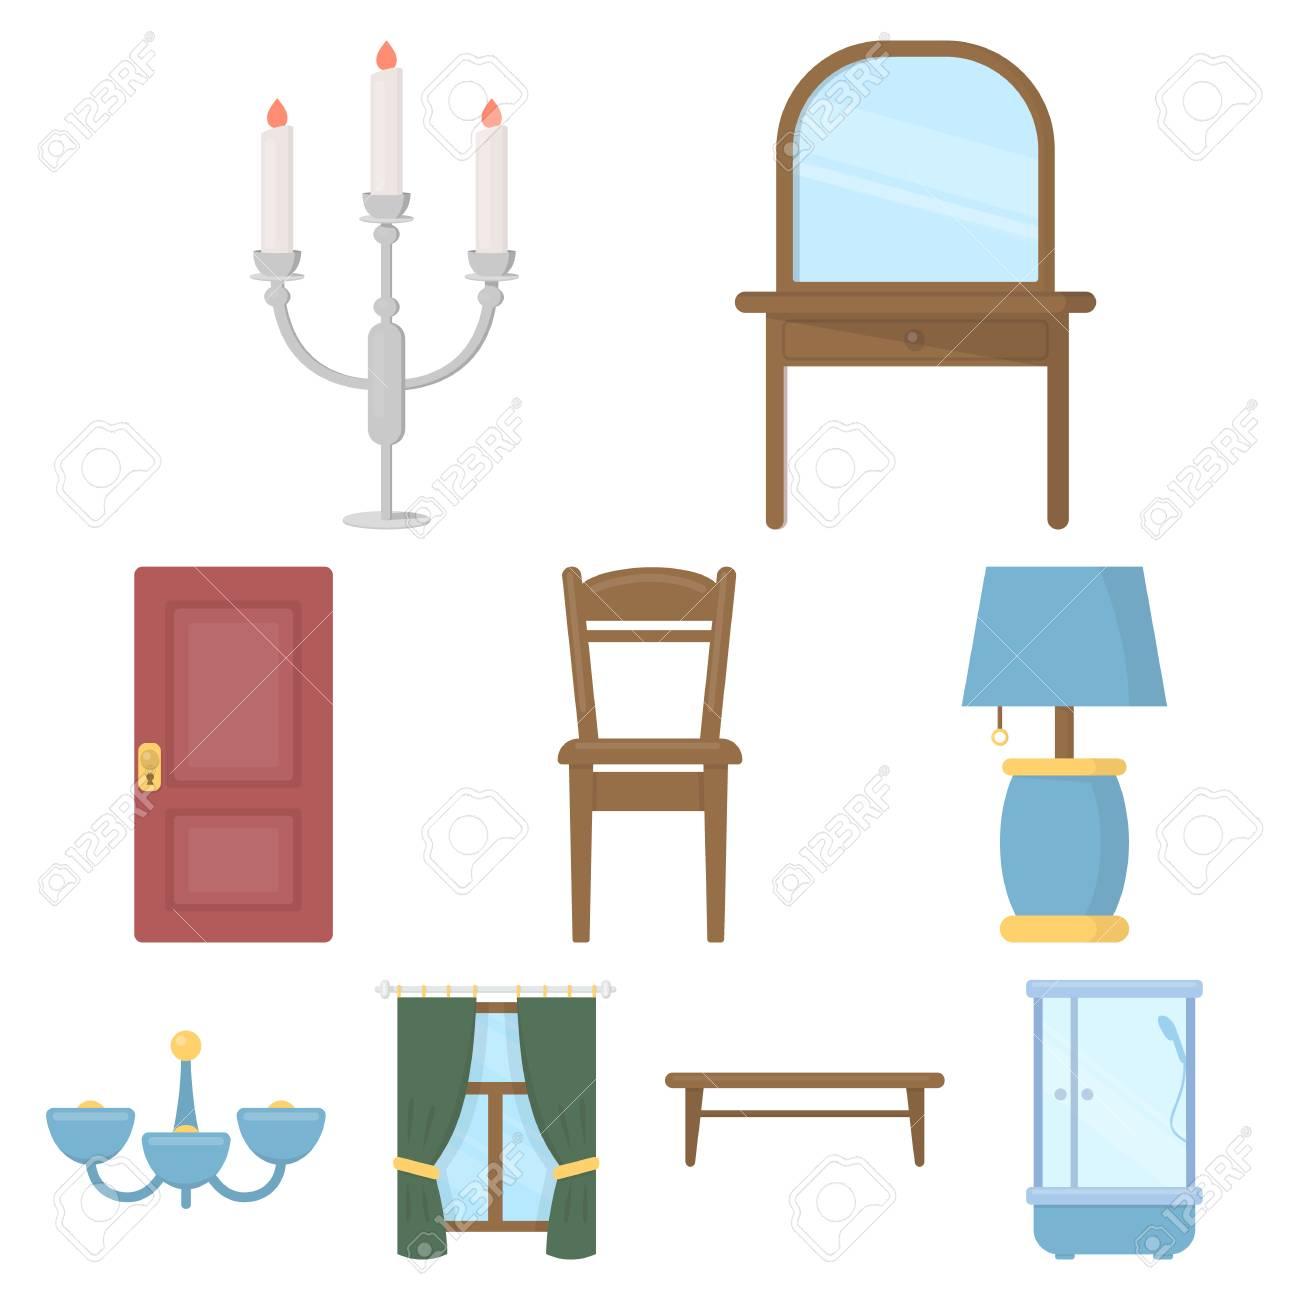 Muebles Set Iconos En Estilo De Dibujos Animados Gran Colecci N  # Muebles Dibujos Animados